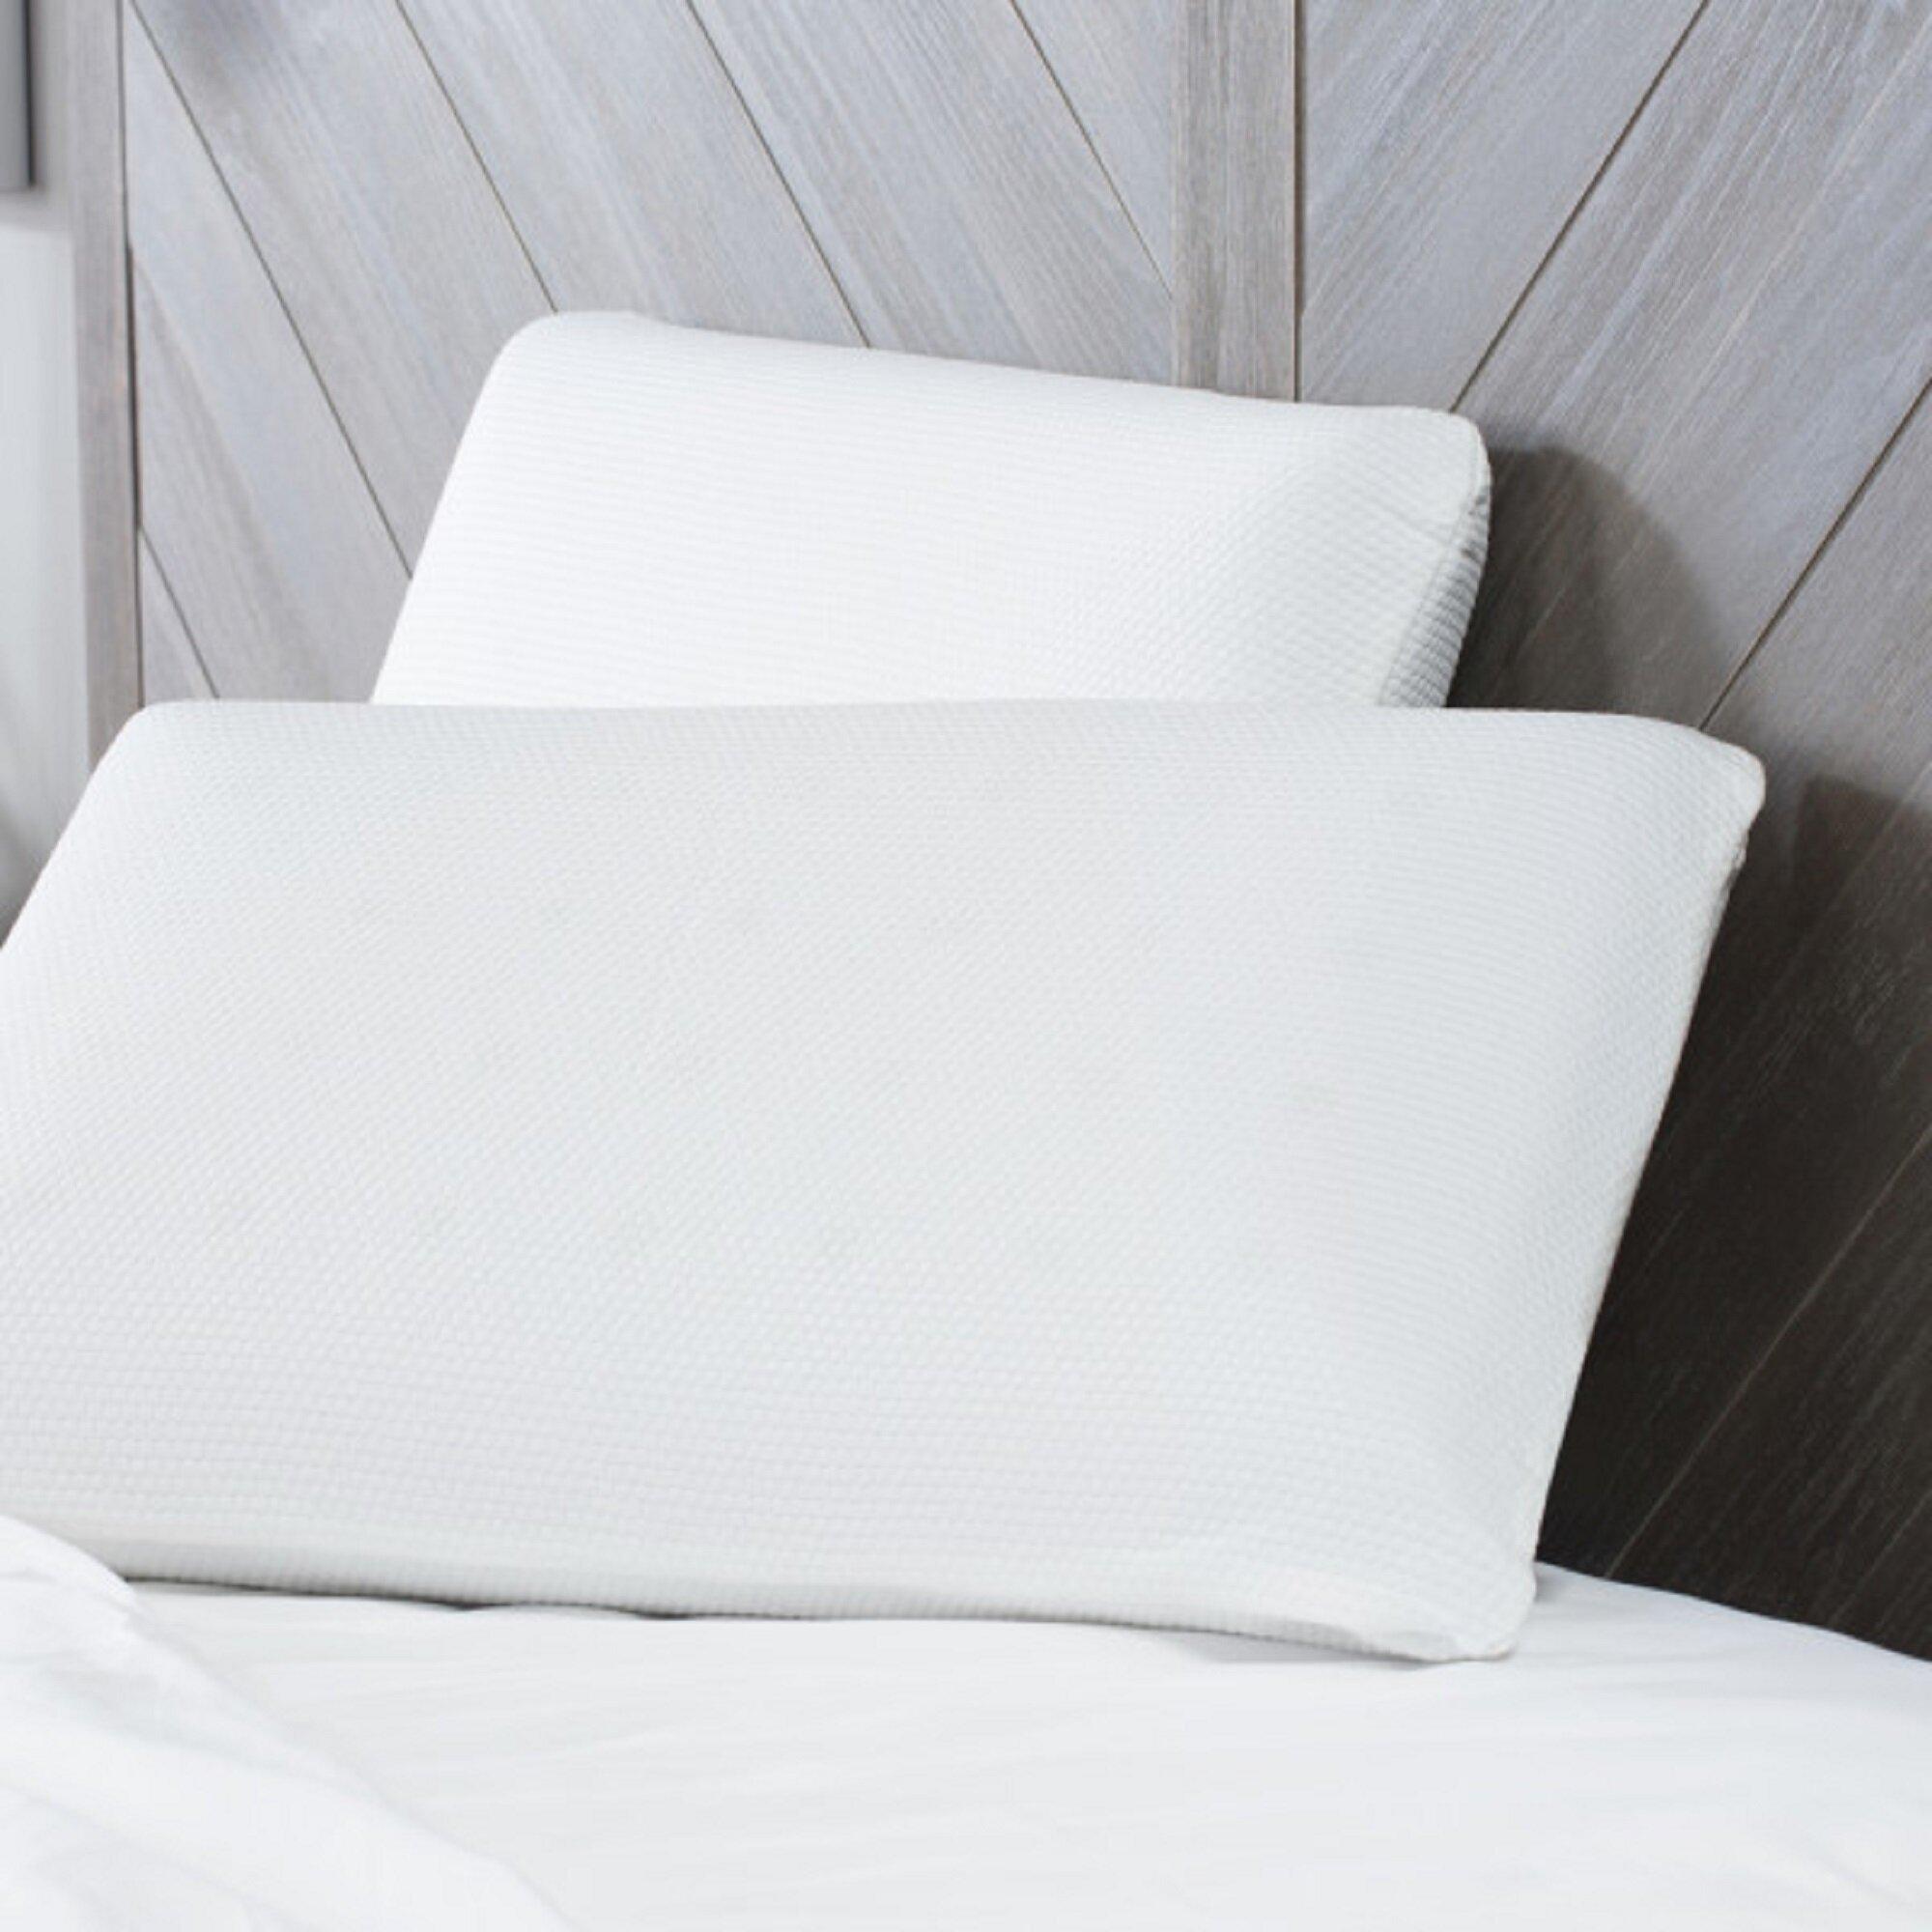 BioPEDIC Comfort Memory Foam Standard Pillow Reviews Wayfair